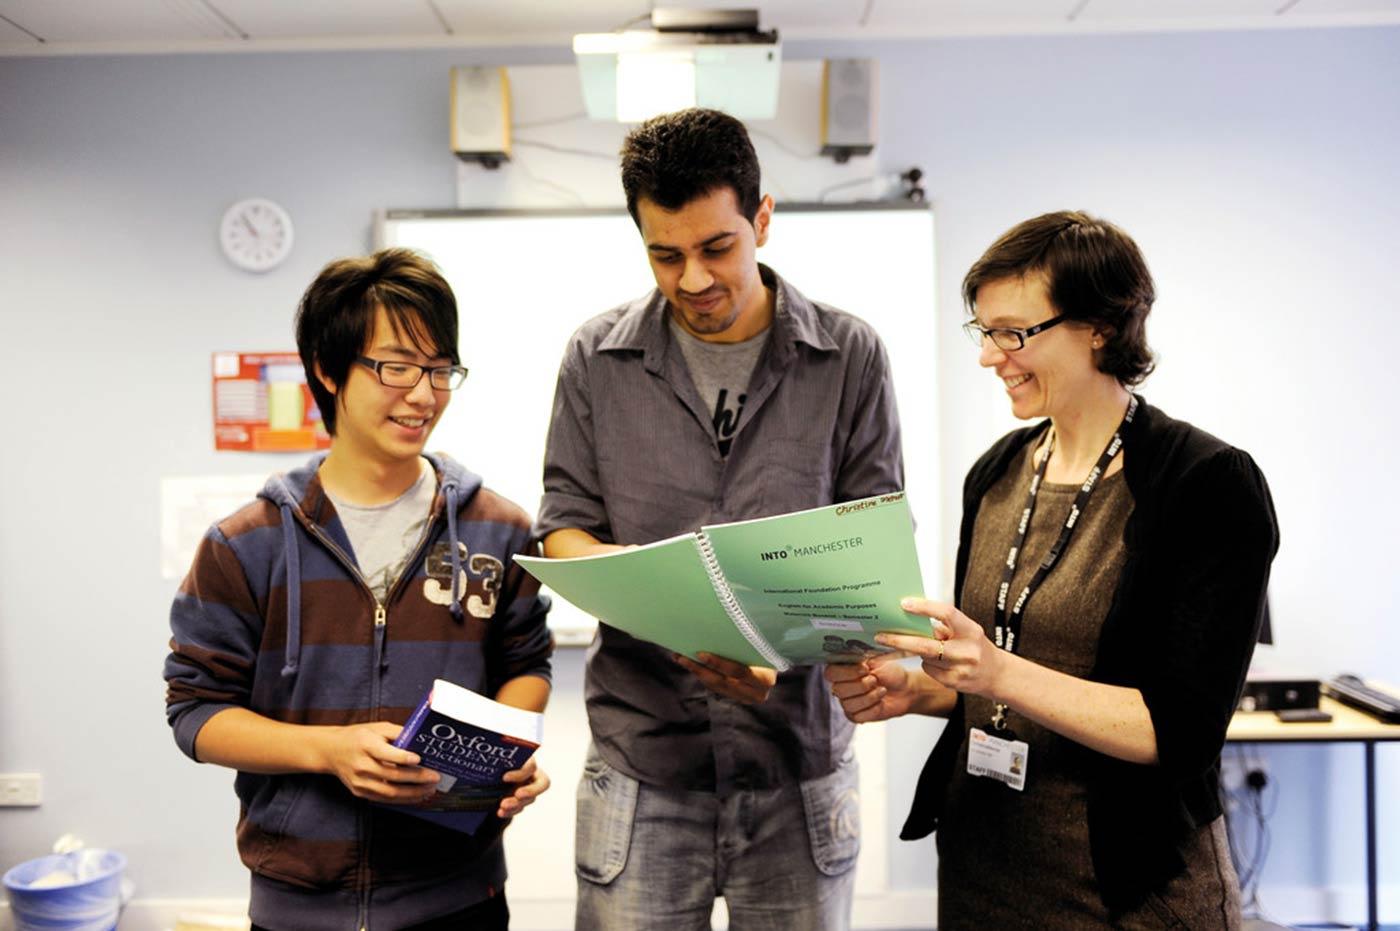 سيساعدك فريق التوظيف والمعلمون المرتبطون بالجامعة على اتخاذ الخيارات الصحيحة